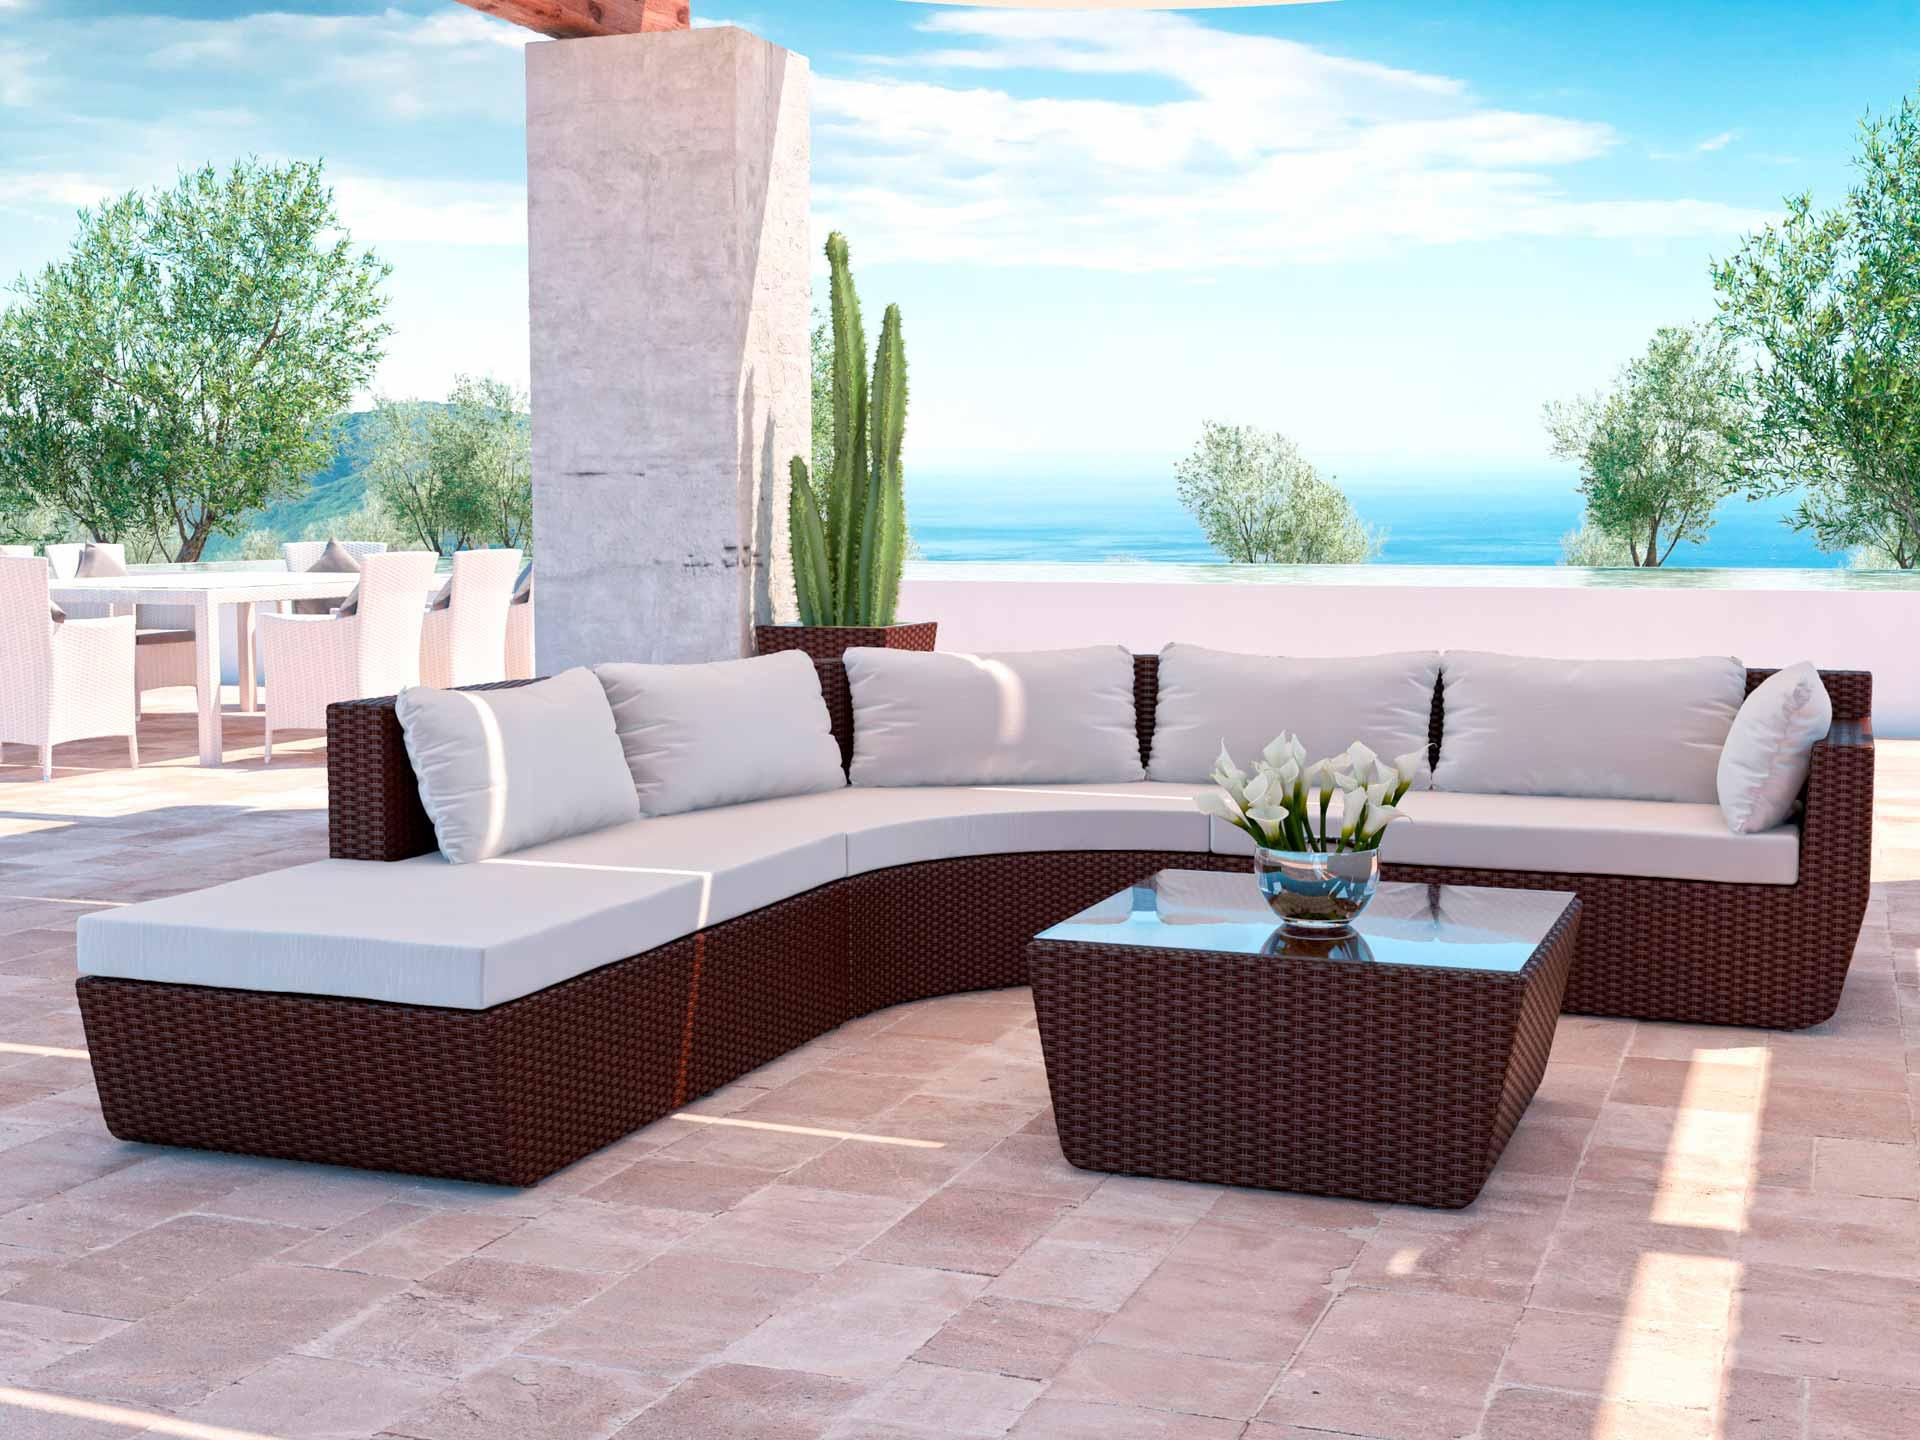 artelia austria gartenm bel esstisch set im ausverkauf. Black Bedroom Furniture Sets. Home Design Ideas